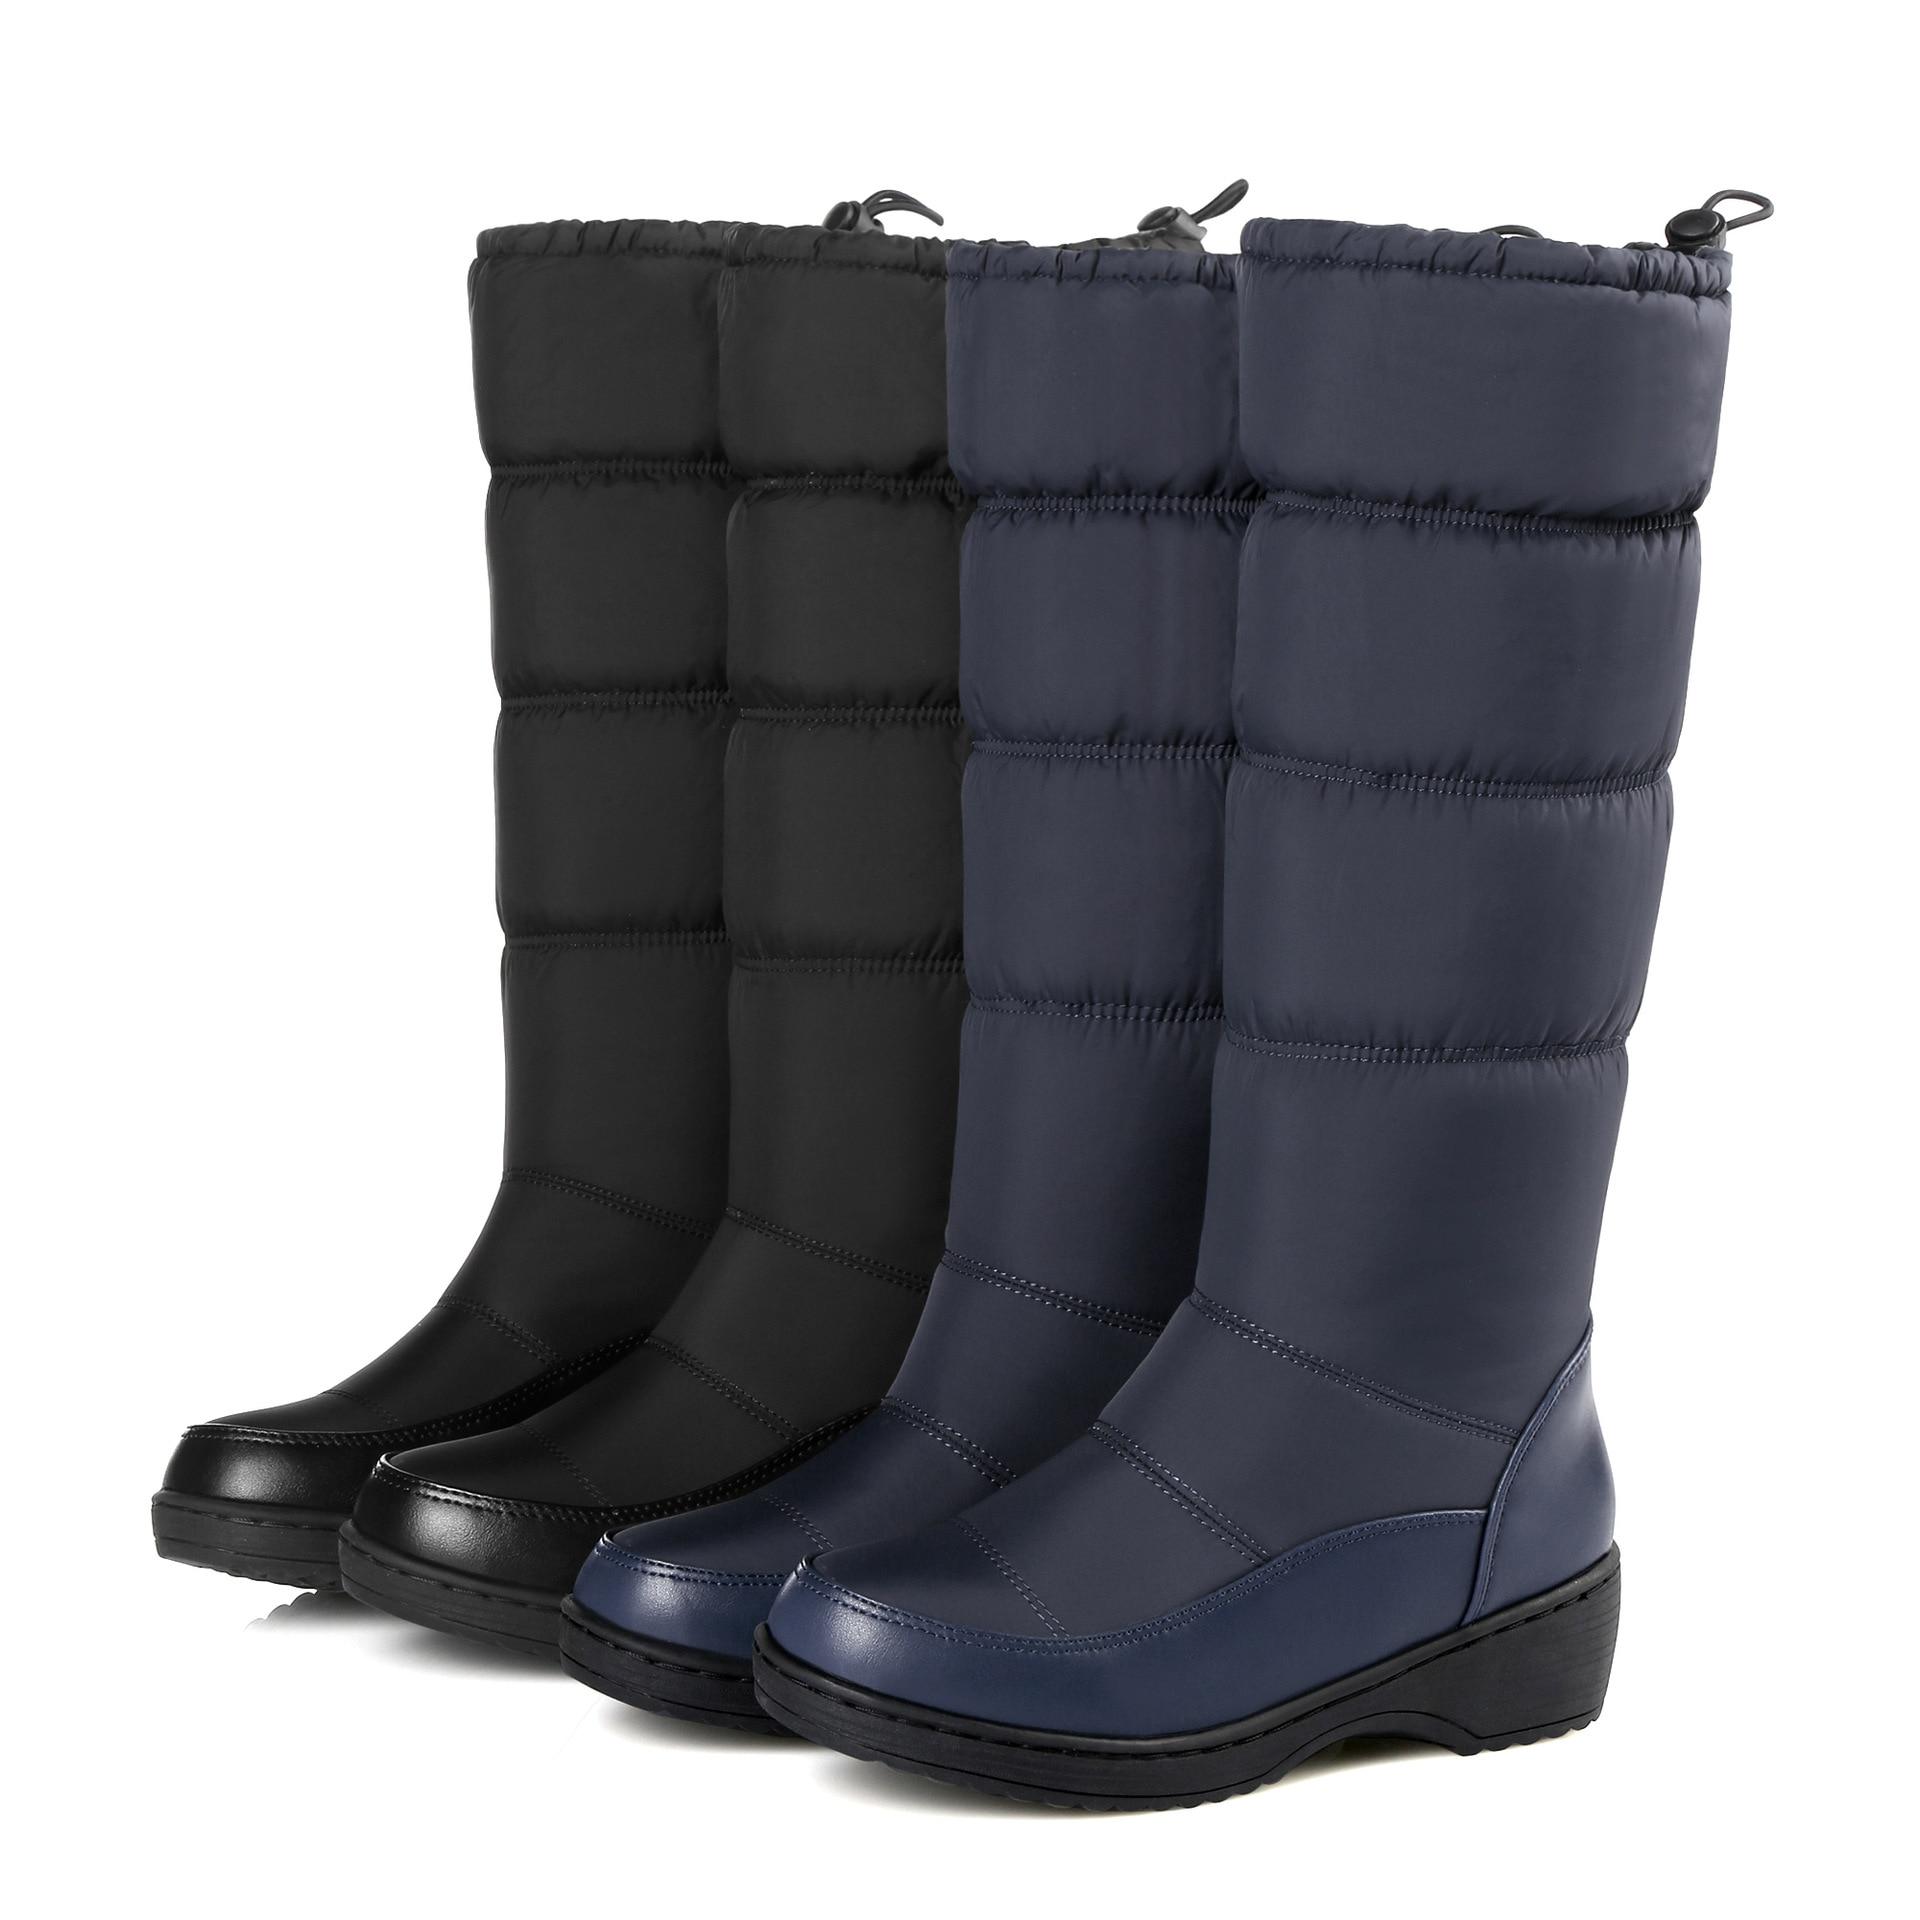 À Velours Hiver Le Épais Chaussures Fond slip Bottes bleu Et Muffin Neige Tube Noir Chaudes De Bottes Non blanc Dans Femmes 88wznq4P